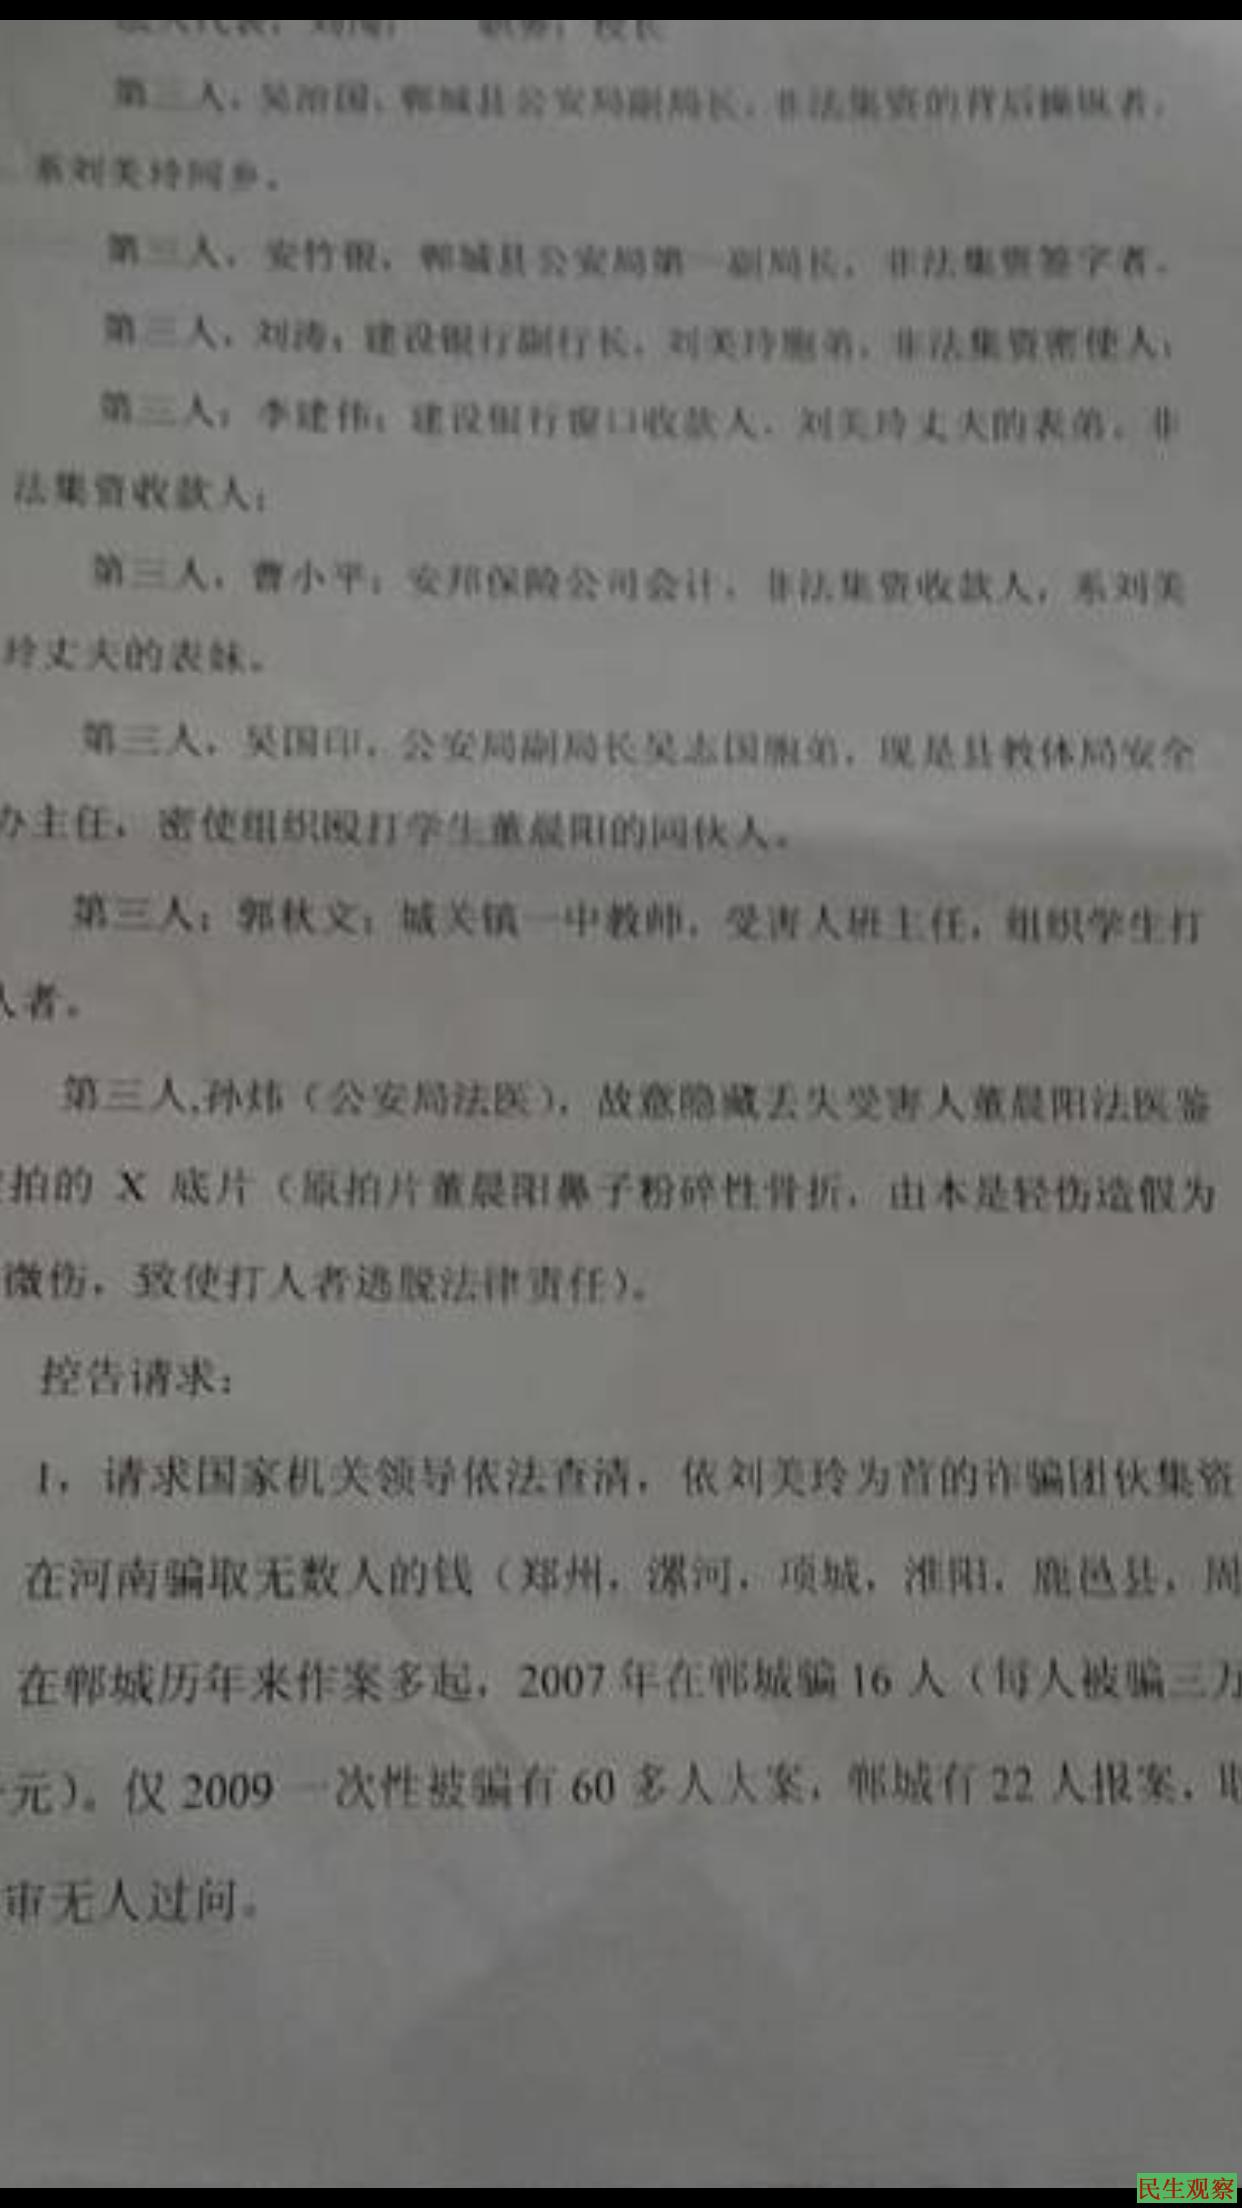 河南王秀梅因举报遭打击报复